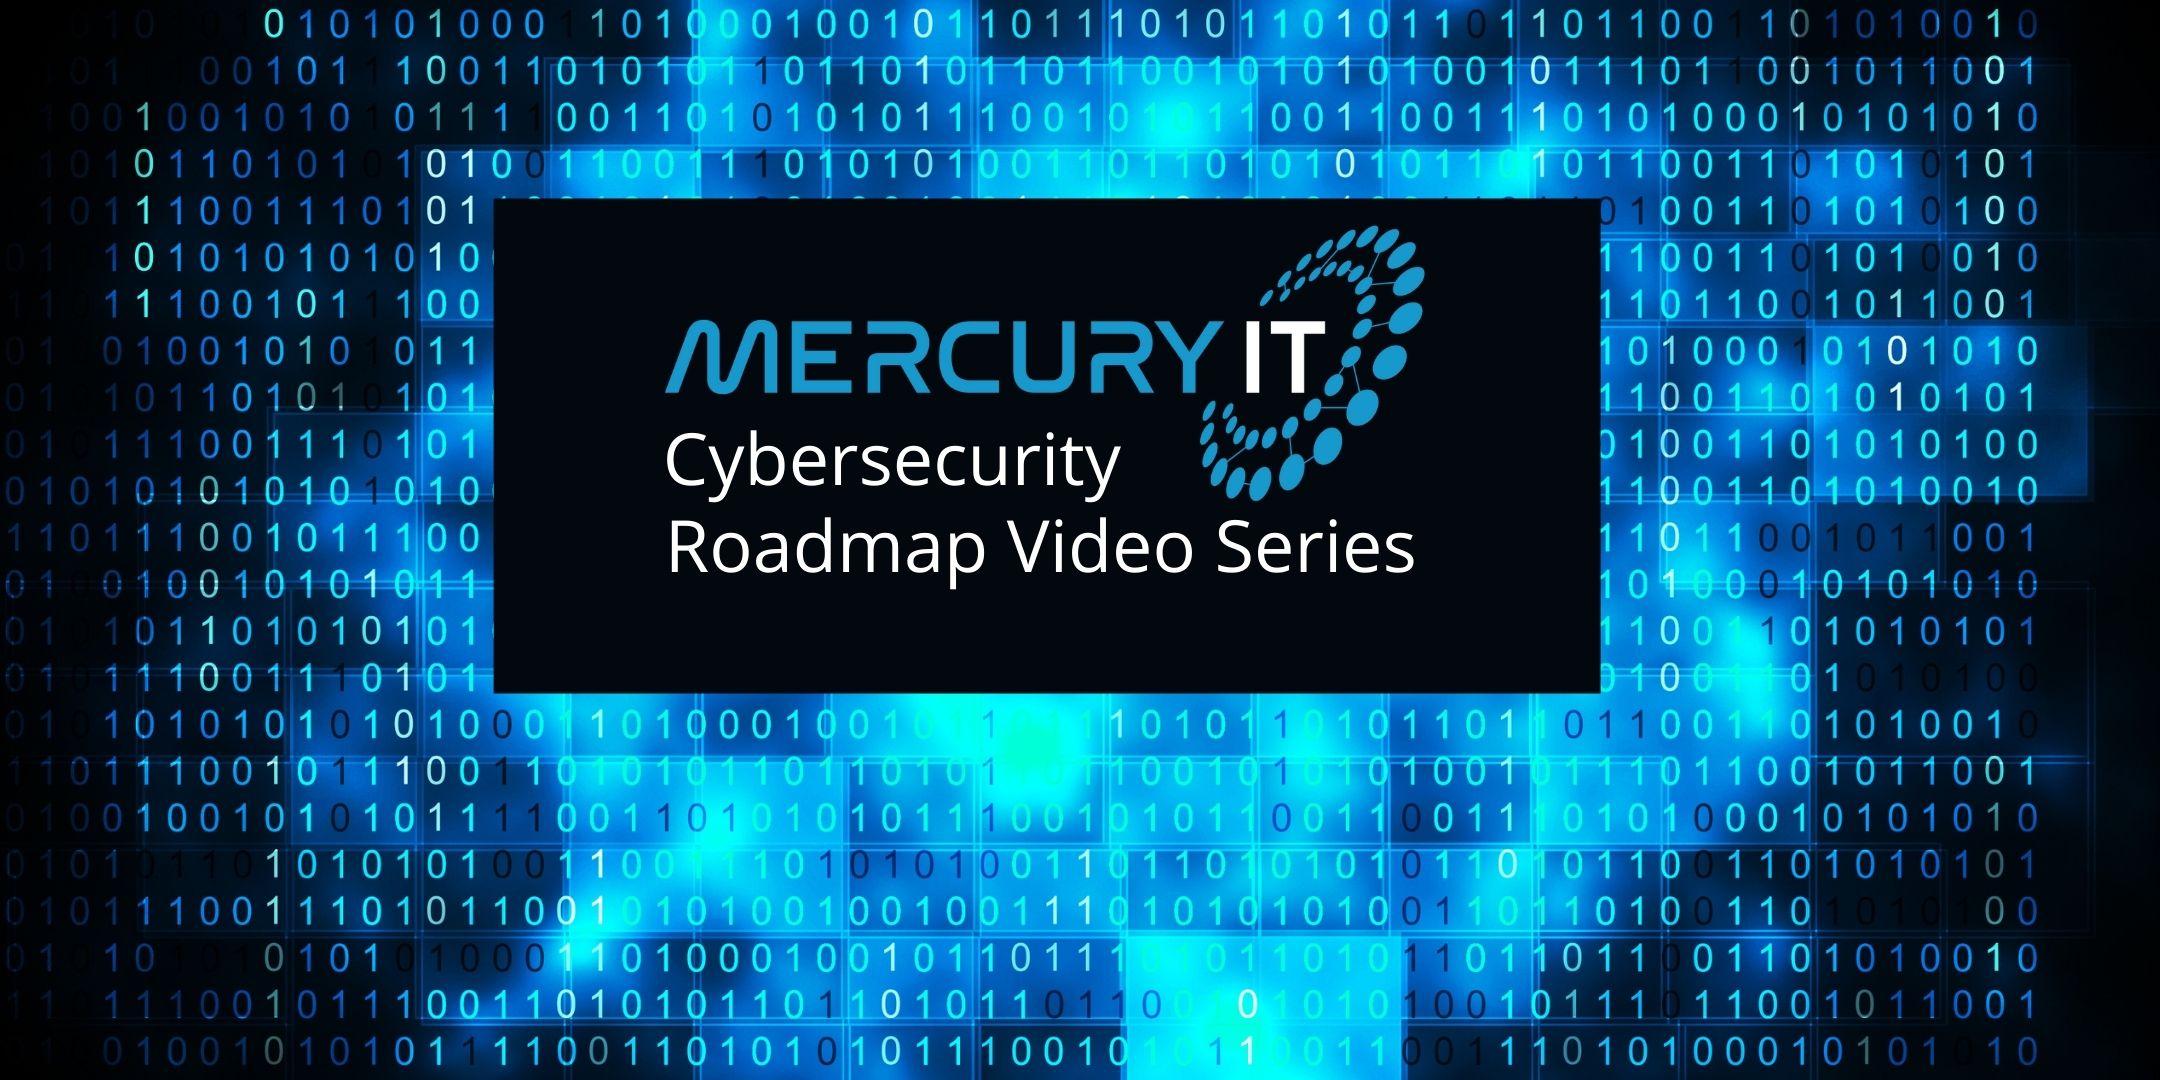 Mercury IT Cybersecurity Roadmap Series